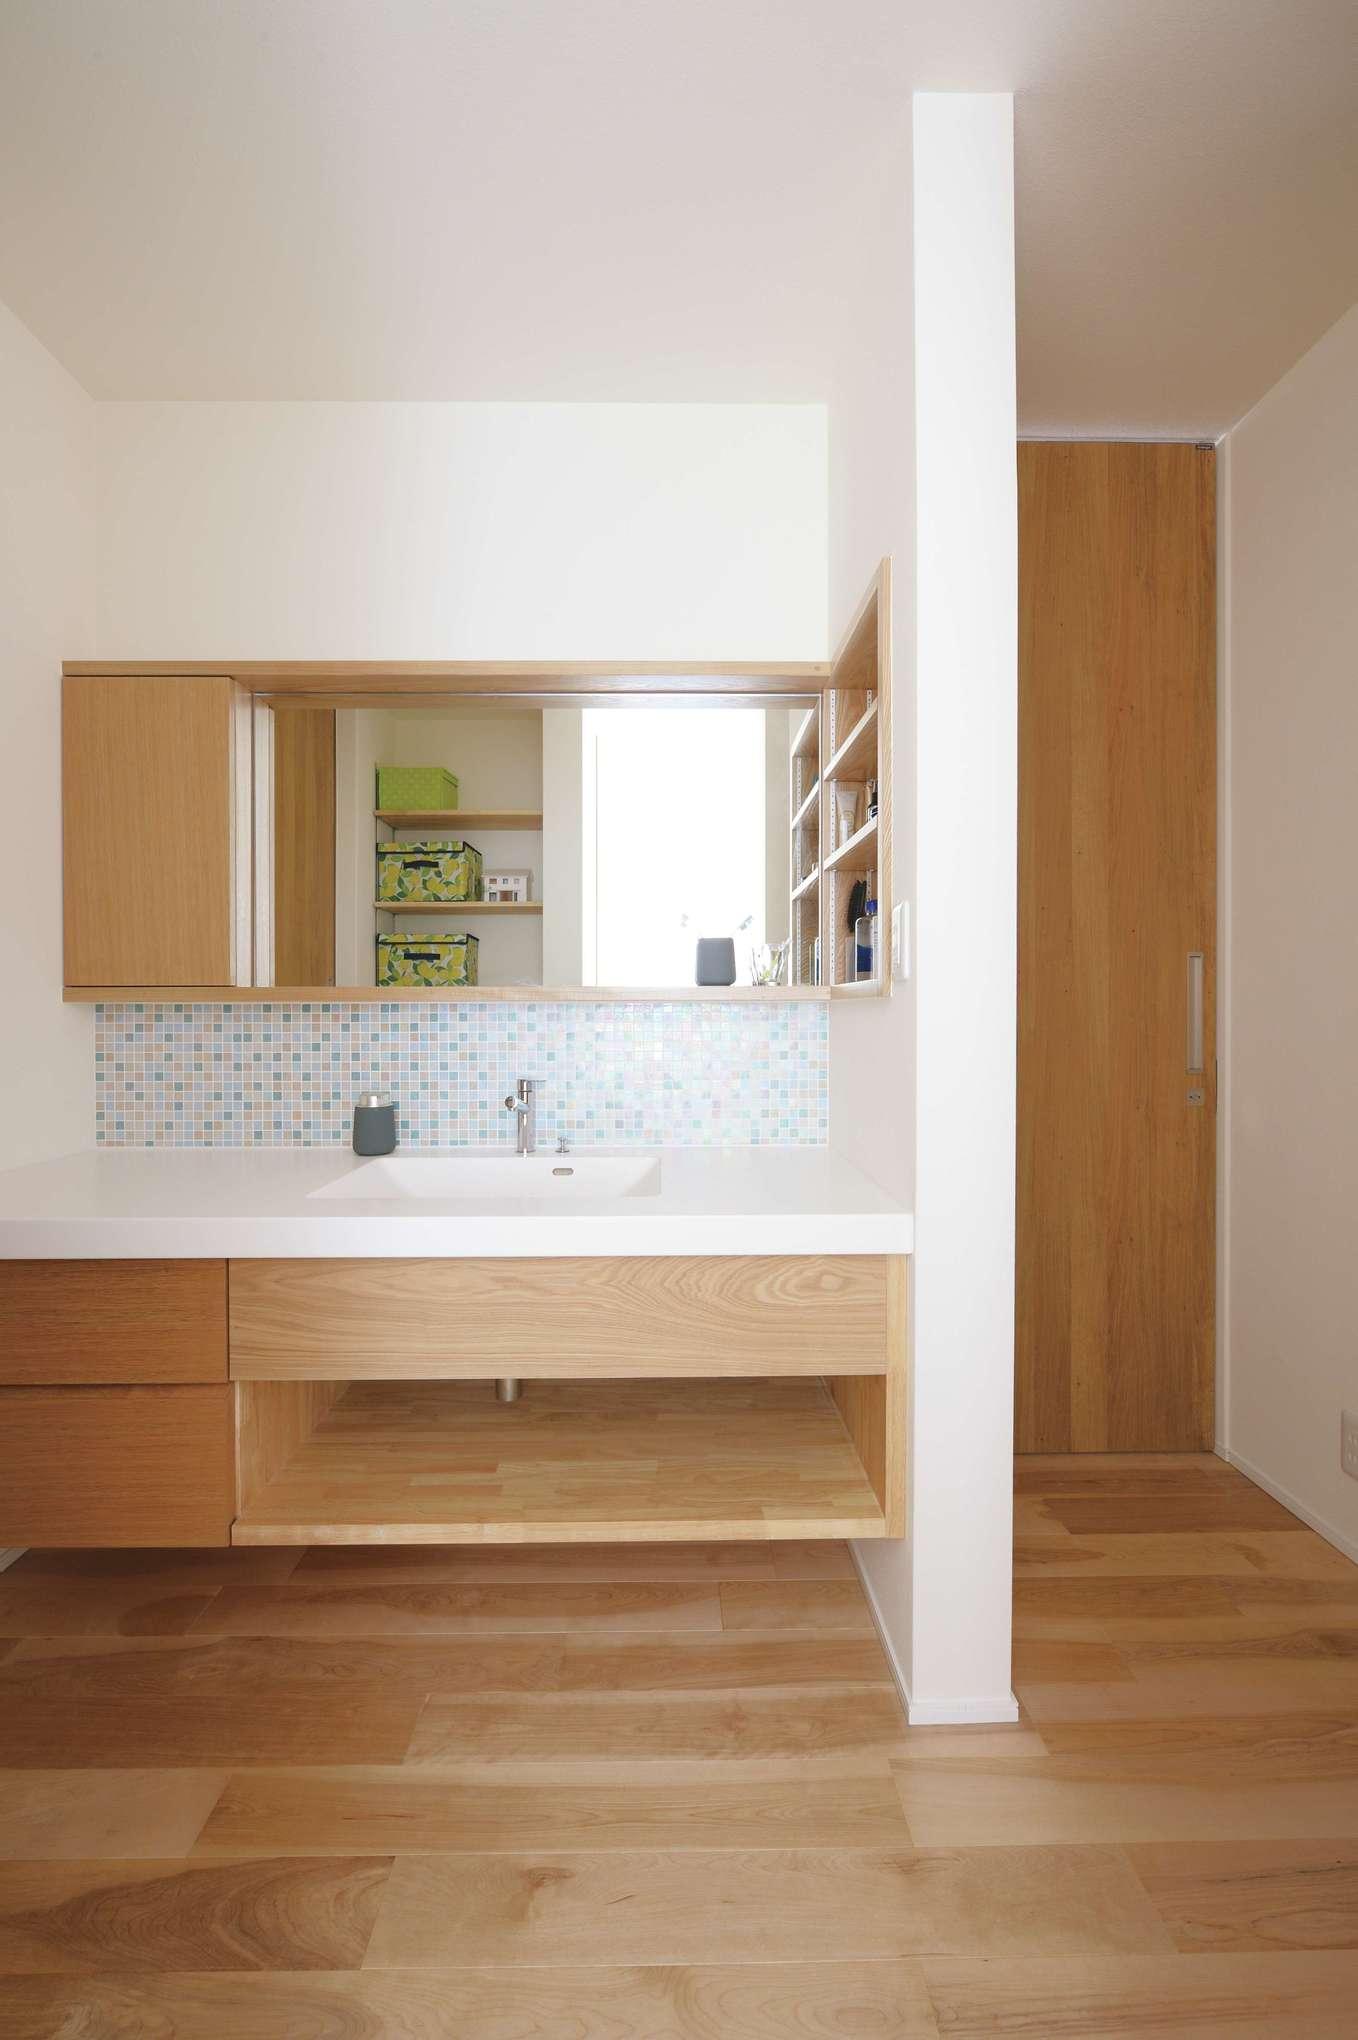 低燃費住宅 静岡(TK武田建築)【子育て、自然素材、省エネ】忙しい朝、夫妻が同時に支度できるようにした幅広の独立型洗面室。モザイクタイルをあしらった奥さまお気に入りの場所